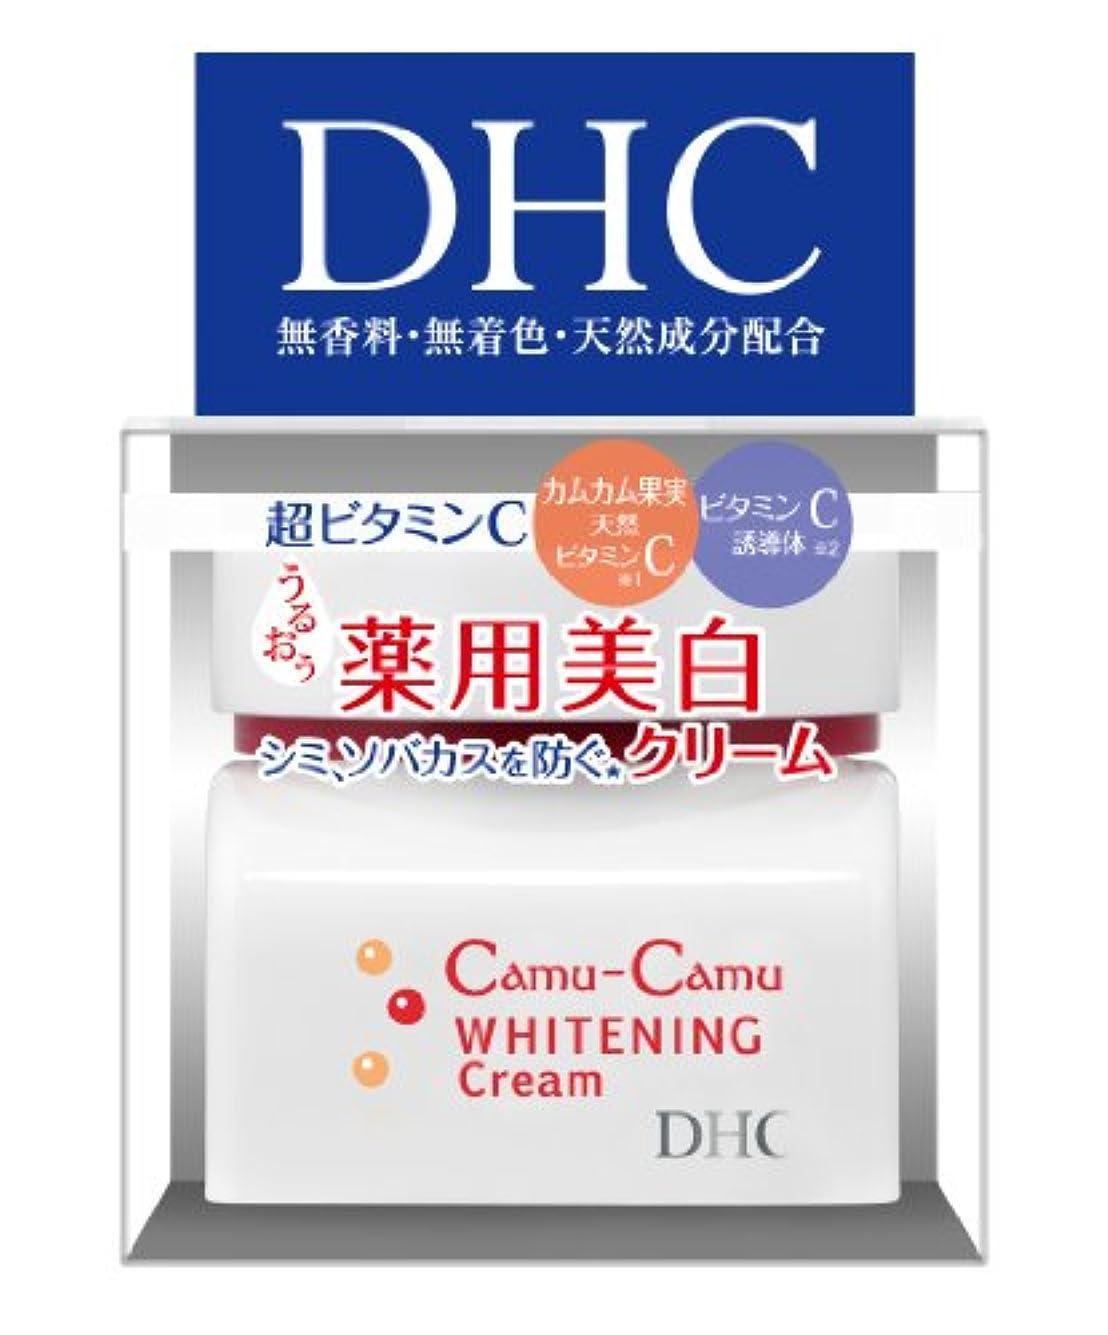 キャラクター飼料然としたDHC 薬用カムCホワイトトニング クリーム (SS) 30g